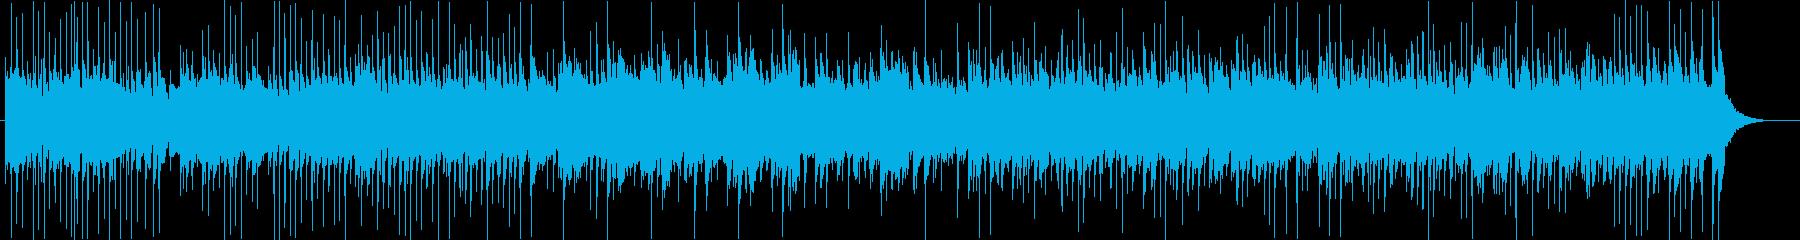 三味線を軸としたロックの再生済みの波形